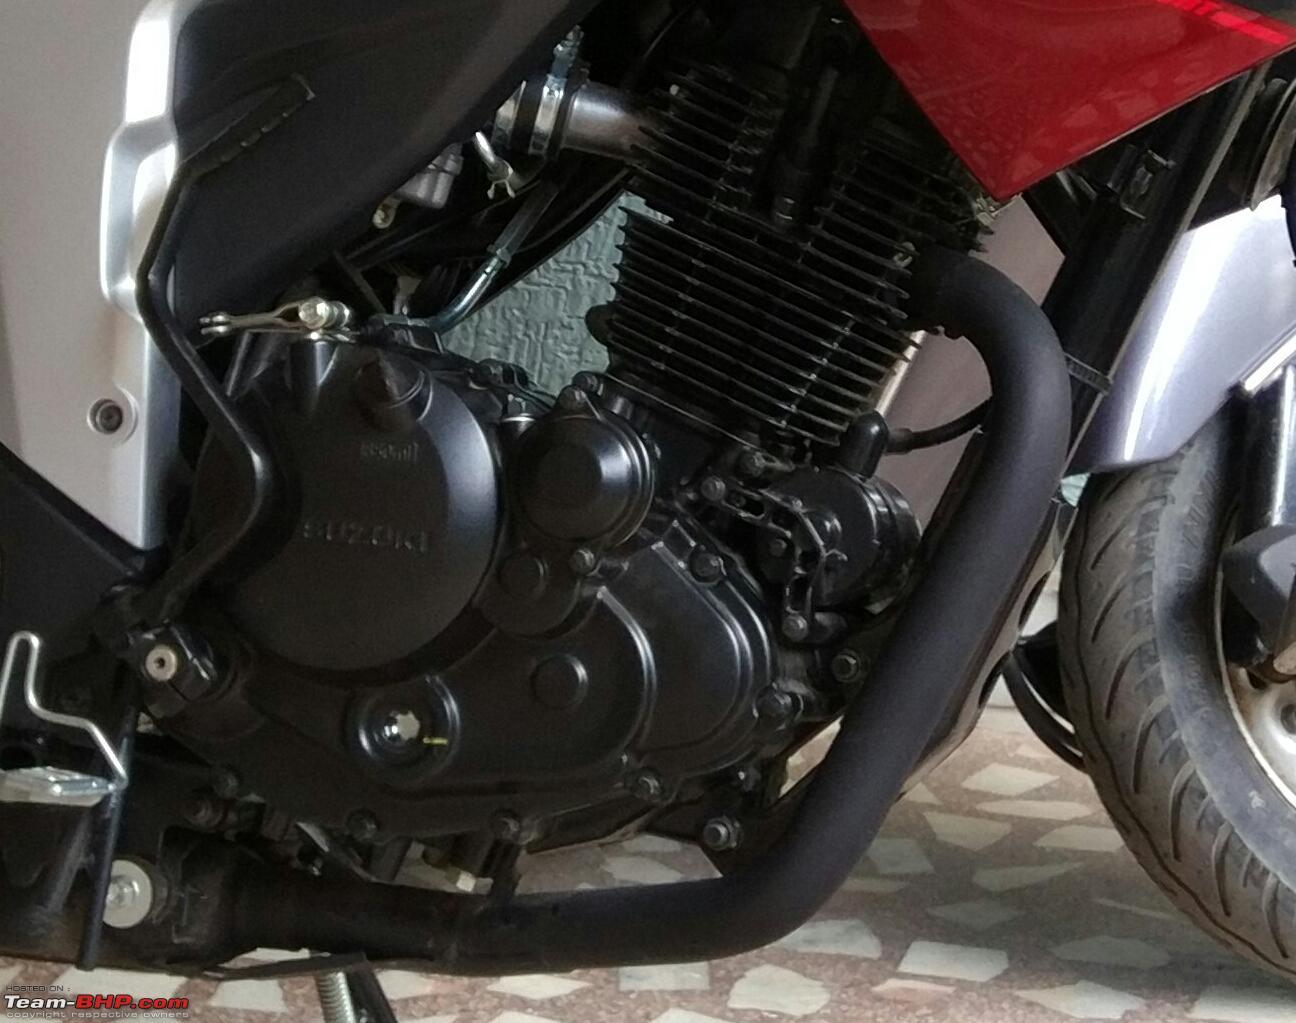 My new Red Dragon - Suzuki Gixxer ABS - Team-BHP